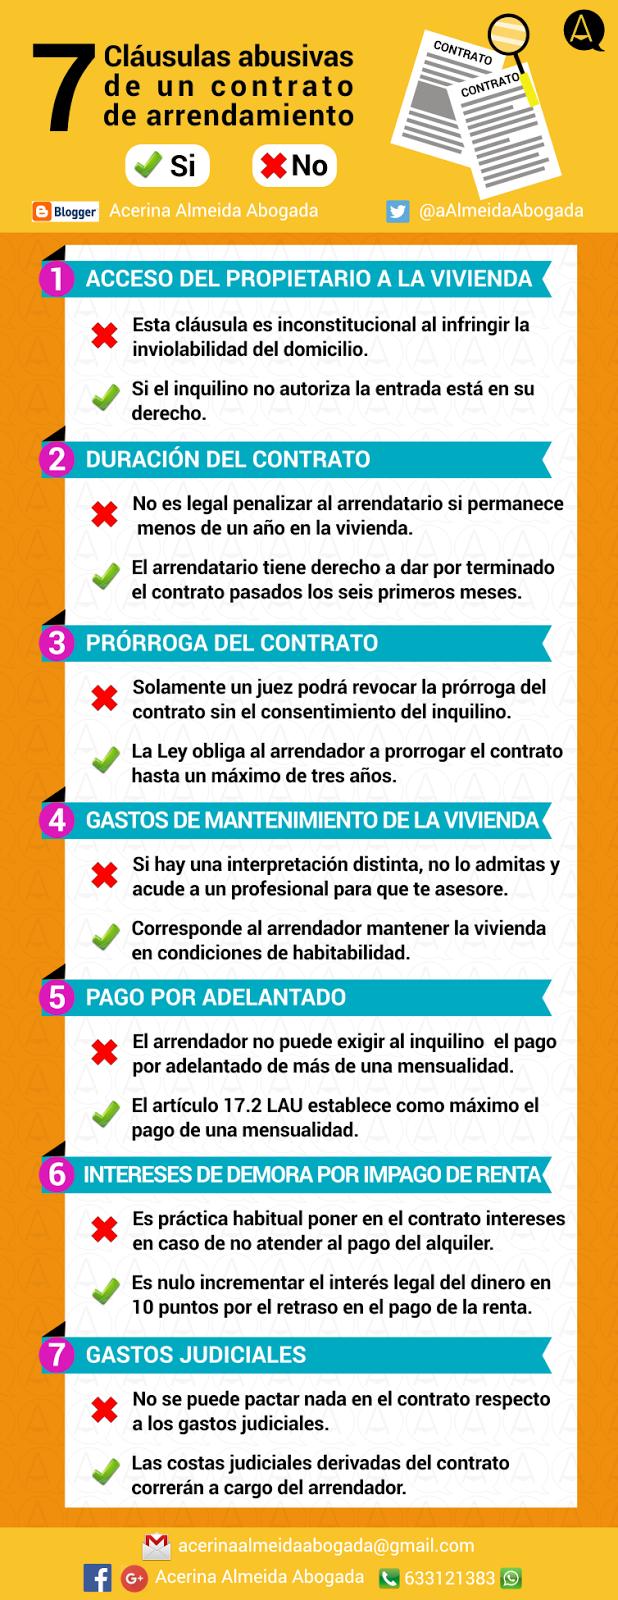 Infografía de 7 cláusulas abusivas en el contrato de alquiler de una vivienda.